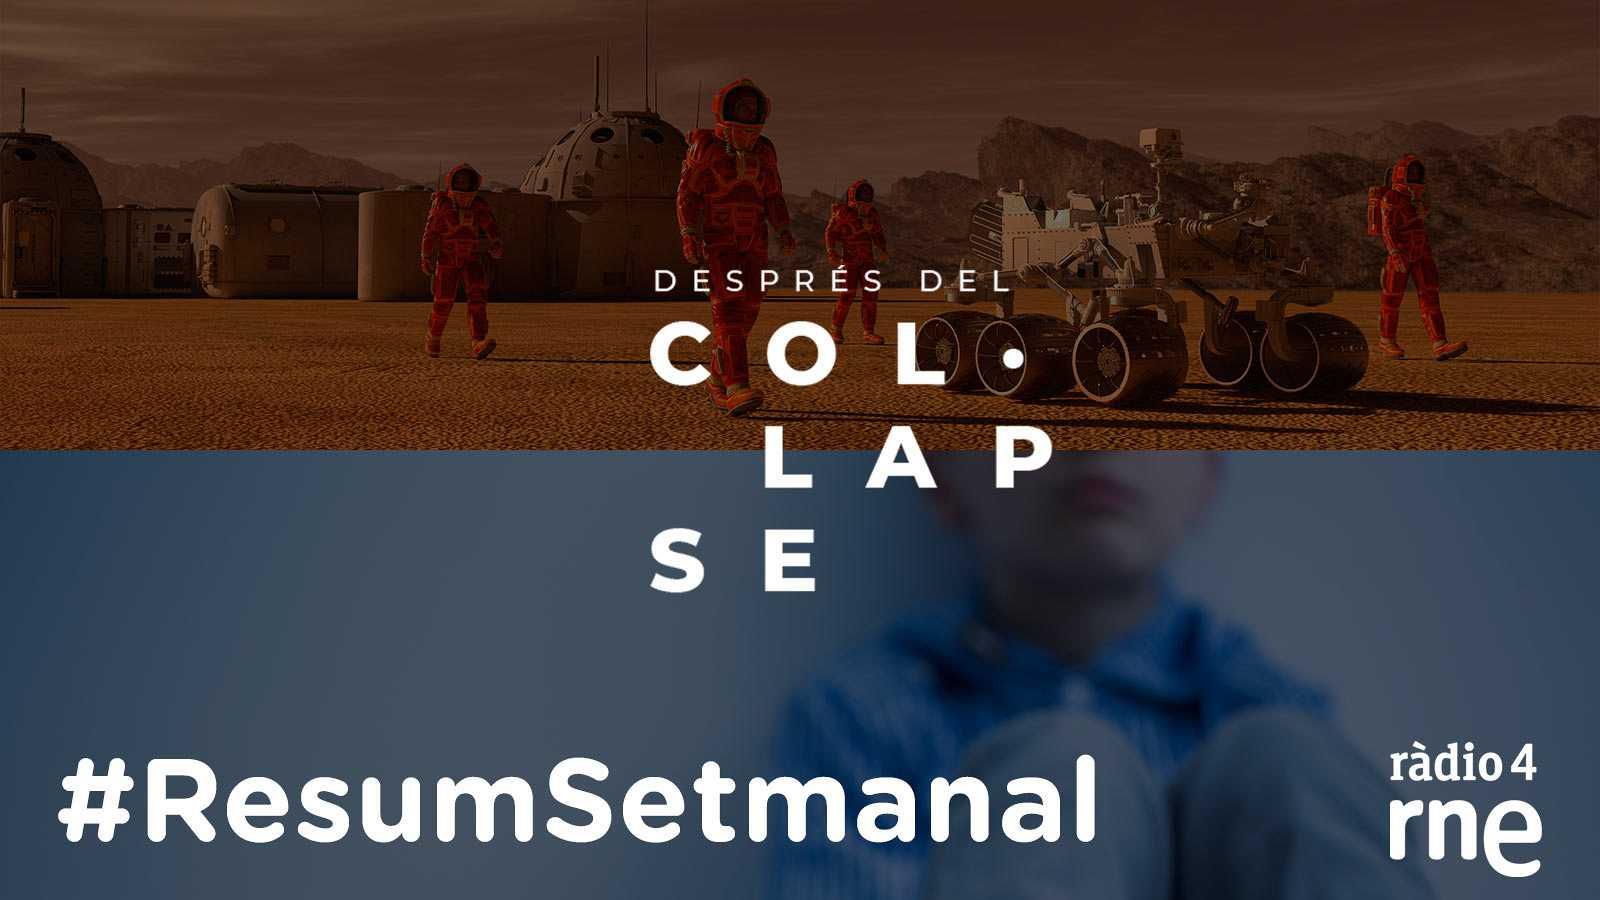 Després del col·lapse - Resum Setmanal - 26/02/21 - escoltar ara -